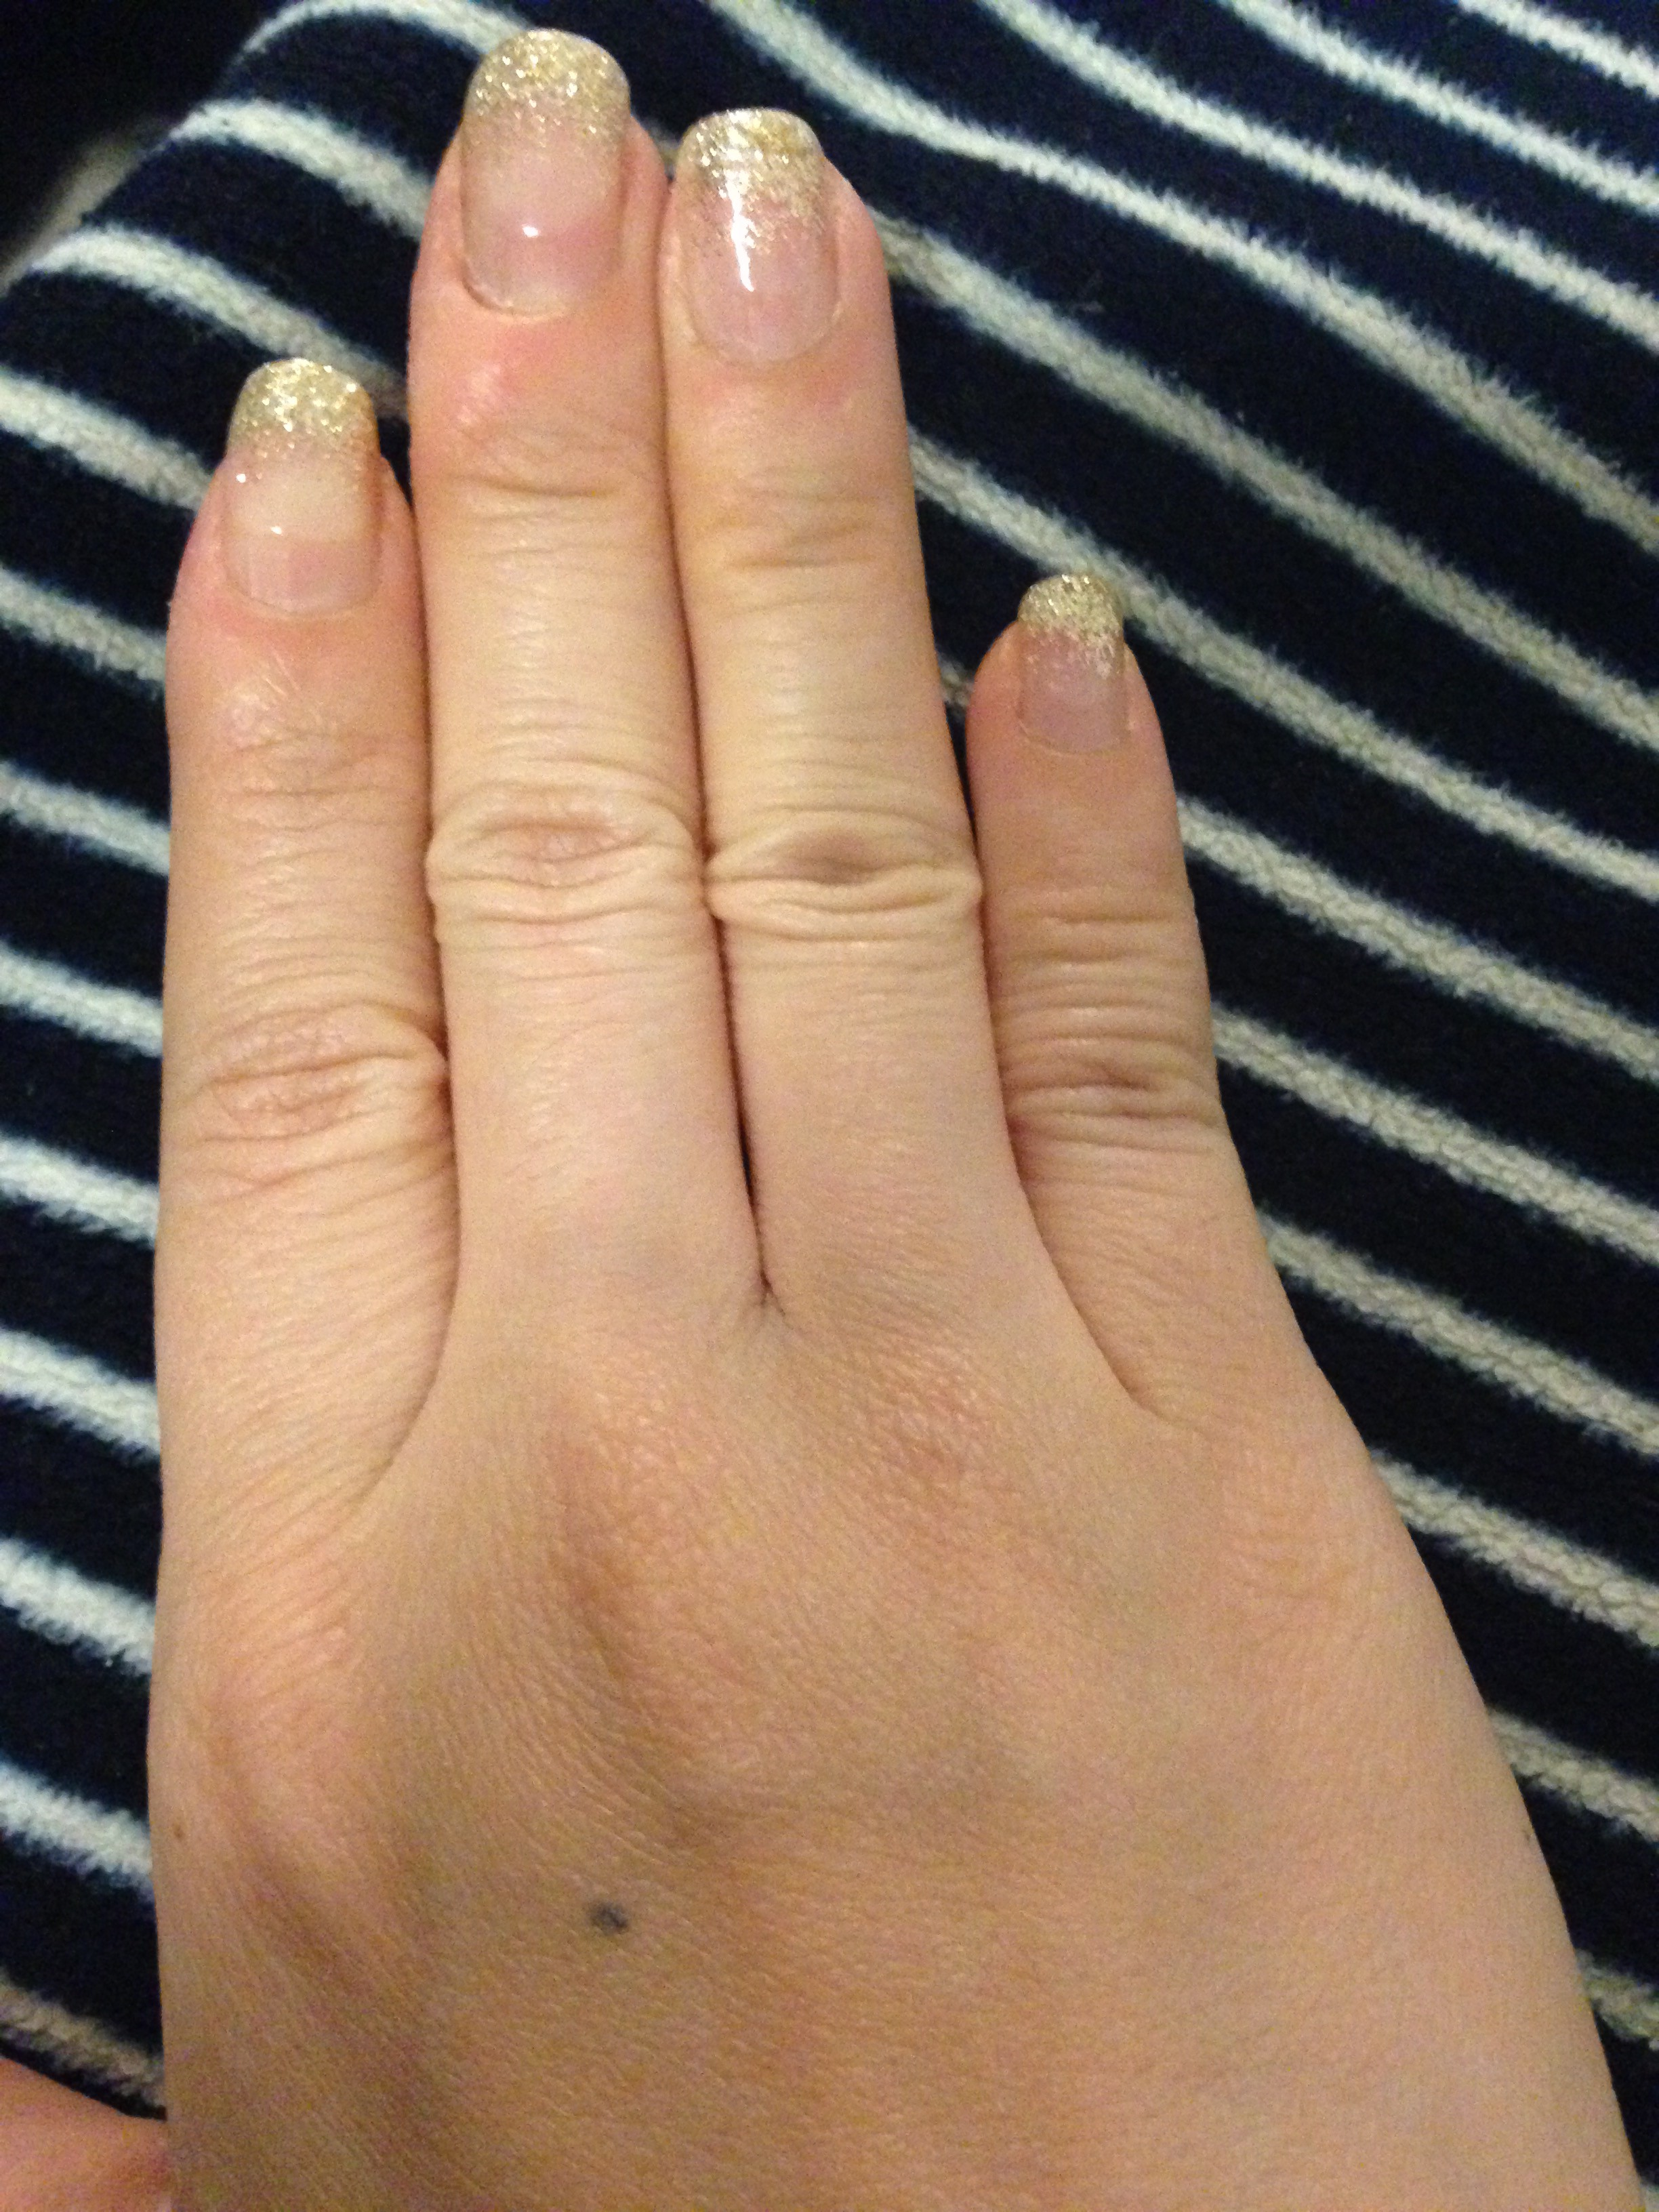 薬指の長い女は人差し指の長い男をみつけろ。夫婦のお財布事情。